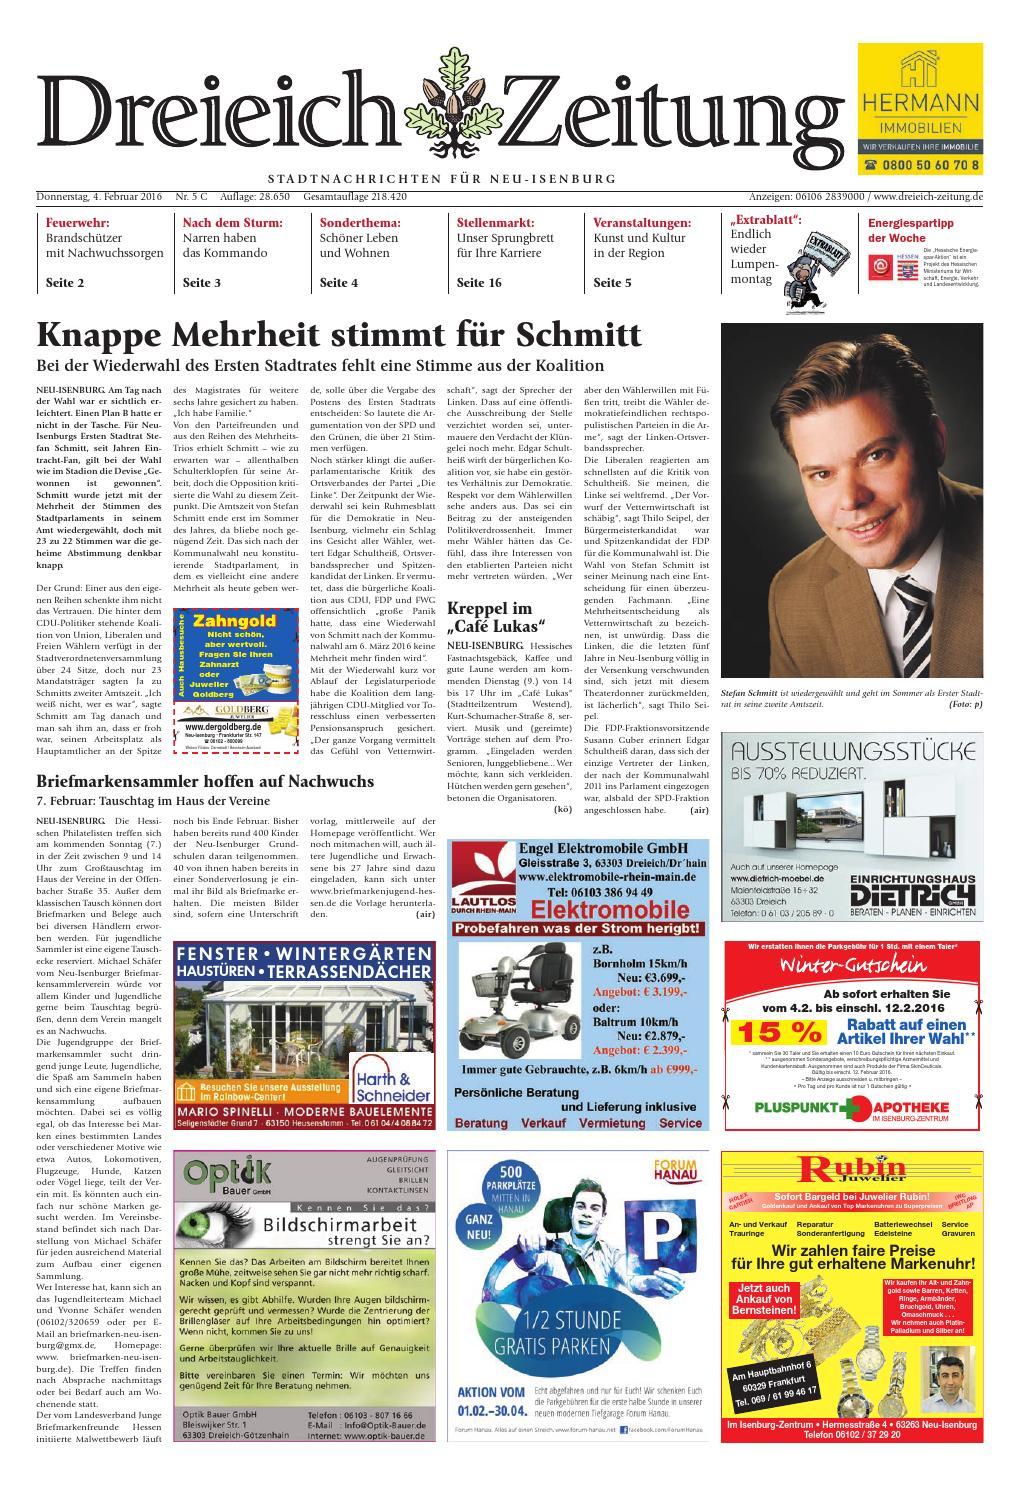 Dz online 005 16 c by Dreieich-Zeitung/Offenbach-Journal - issuu